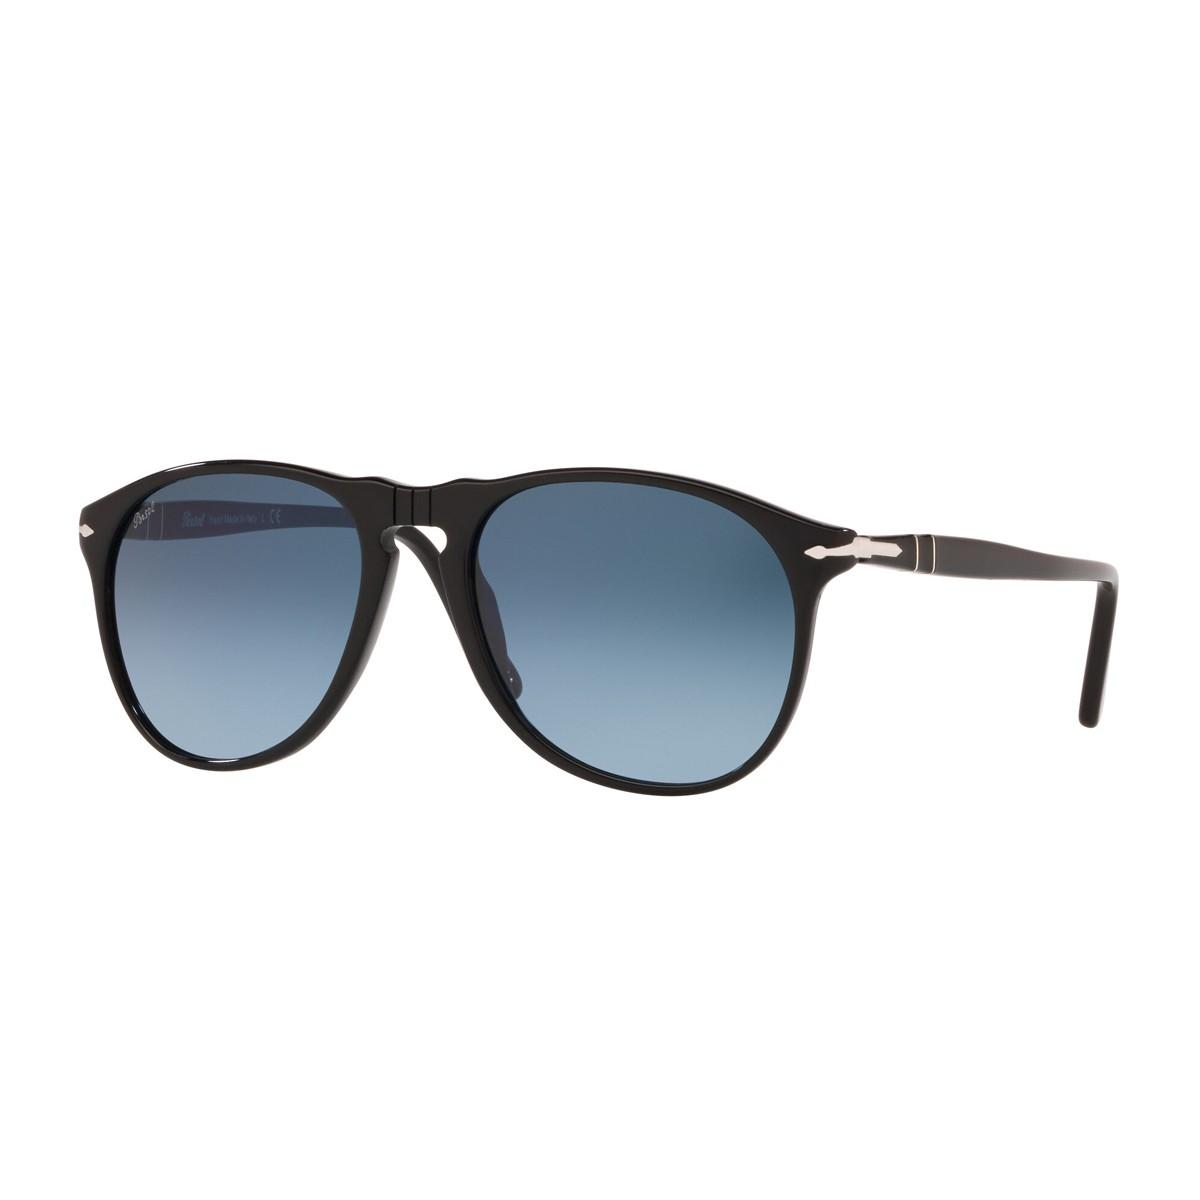 Persol PO9649S | Men's sunglasses